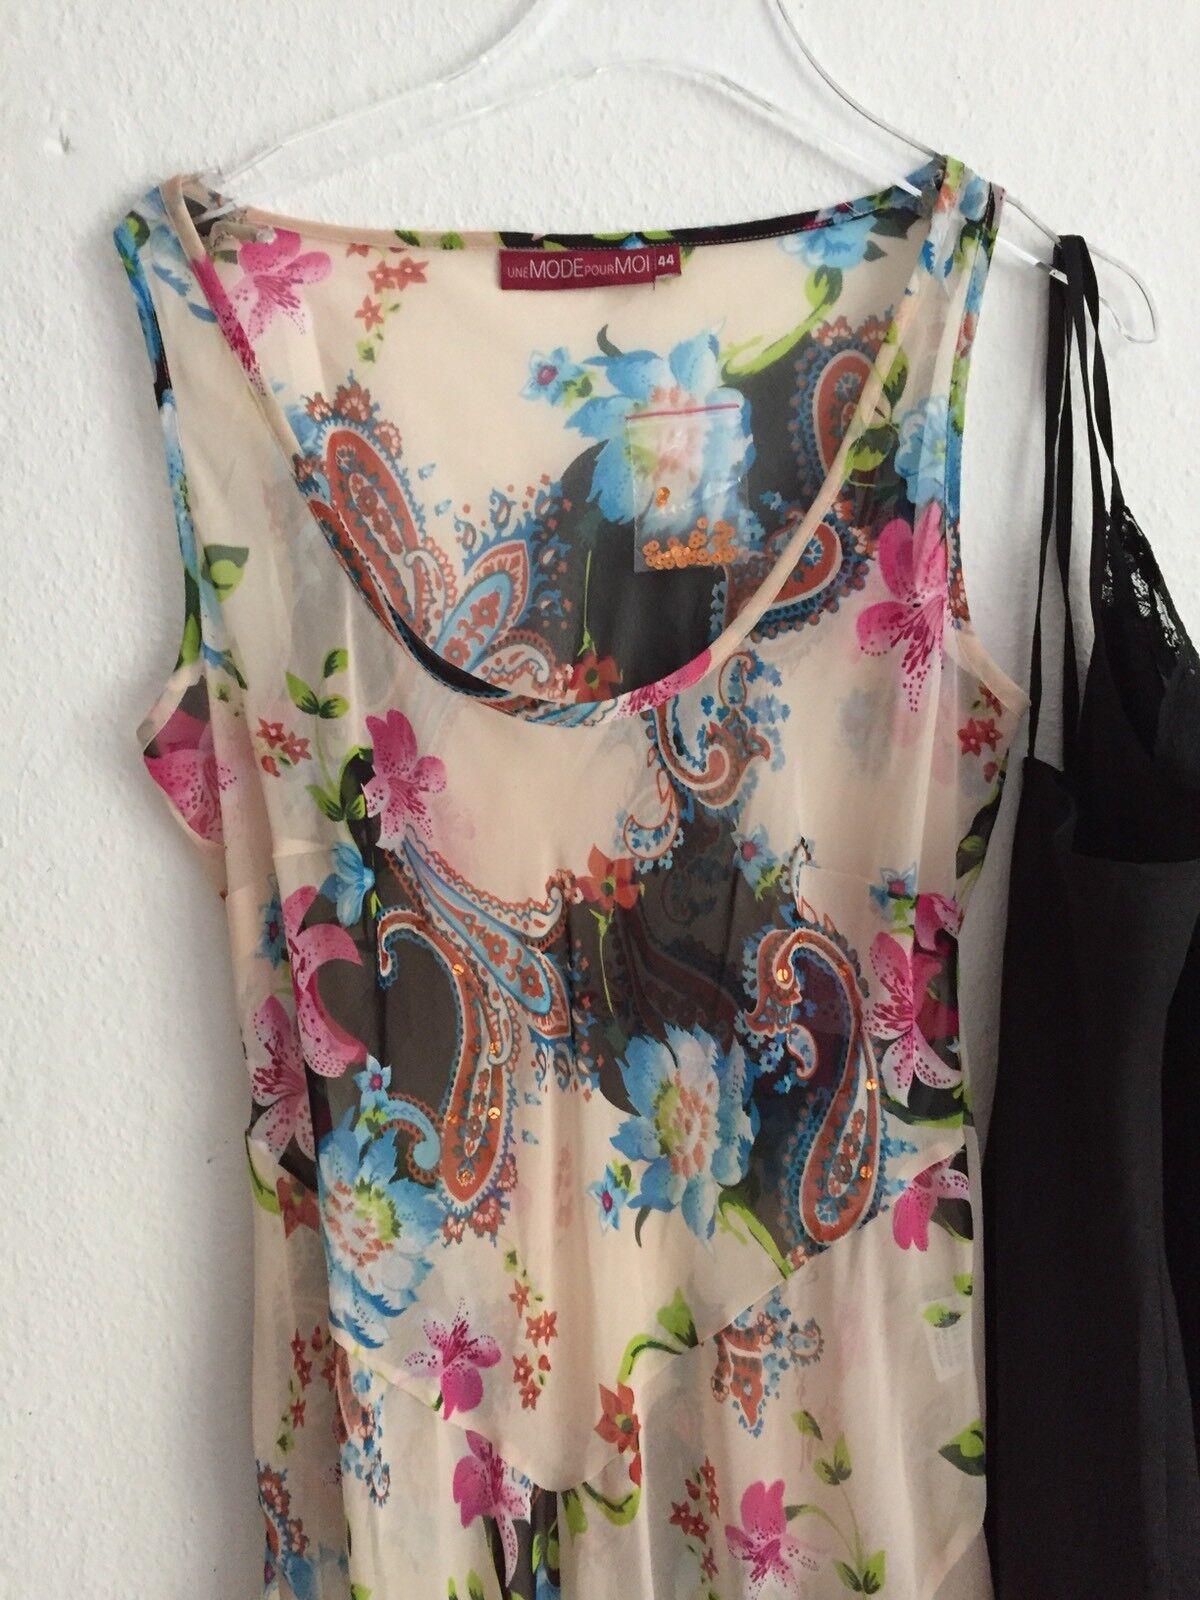 2 Tlg BlauMänner  Kleid Kleid Une Mode Gr 42  Fr 44